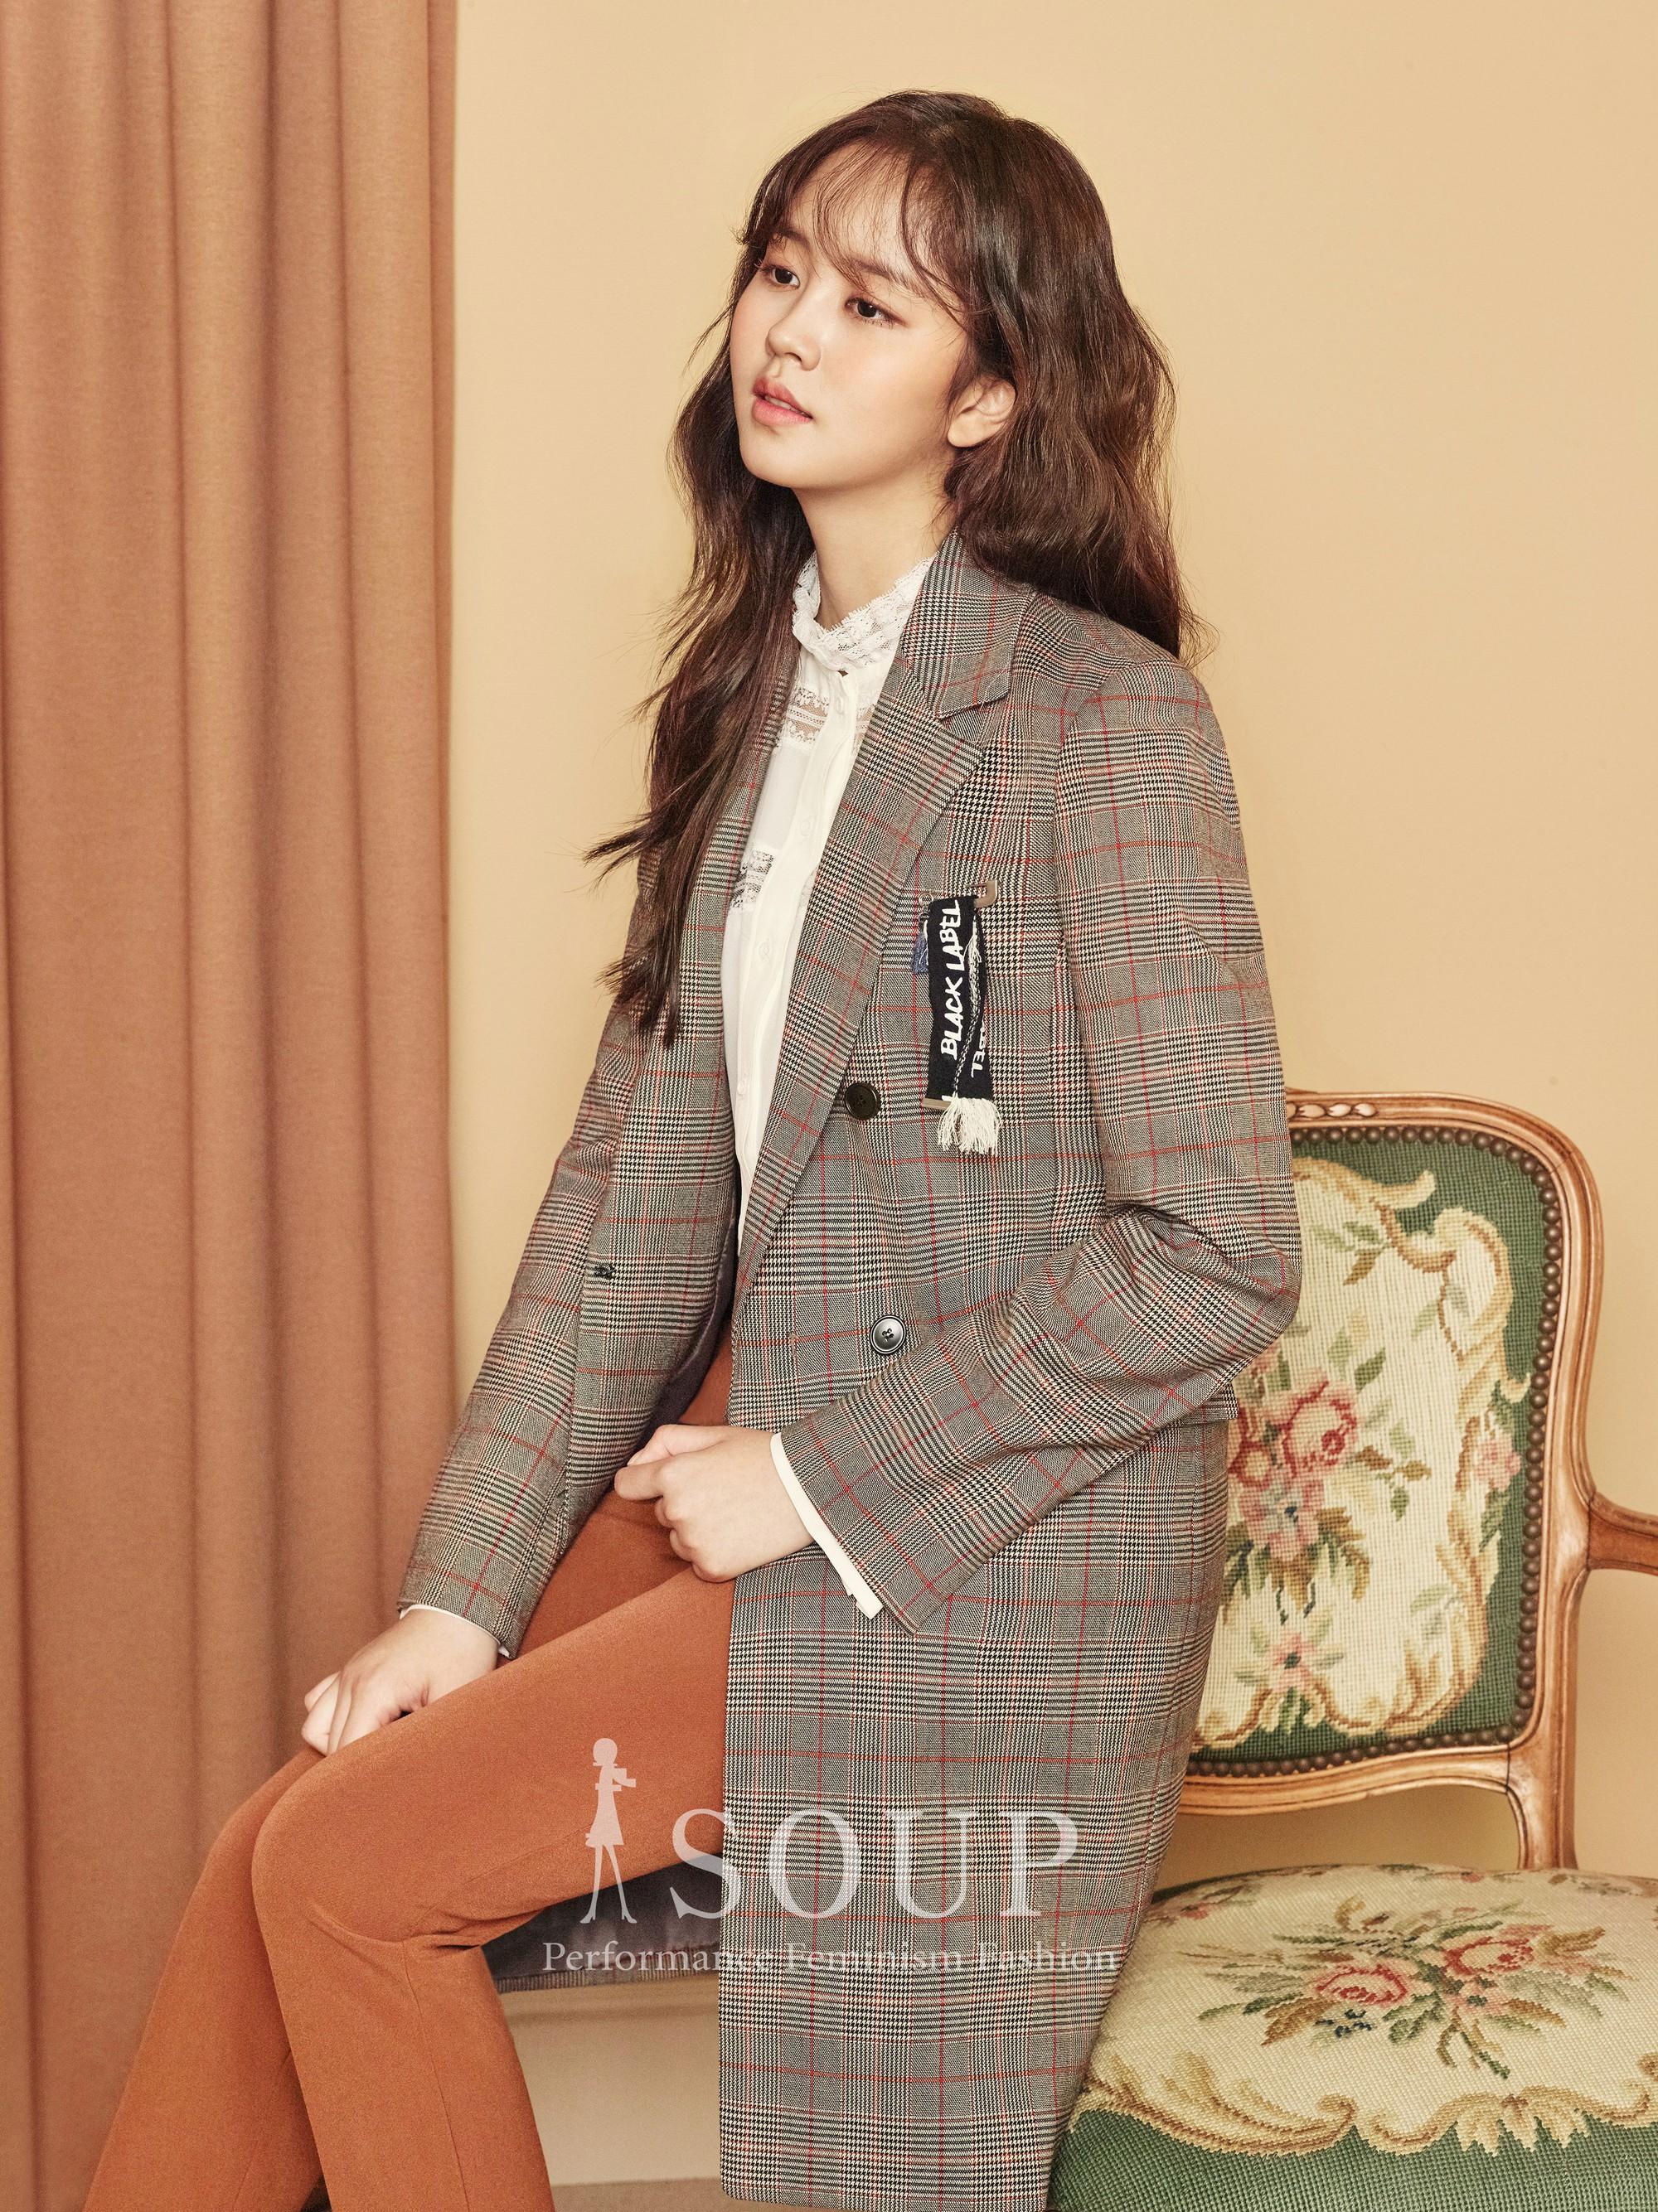 Nữ diễn viên Kim So Hyun đã xác nhận thủ vai nữ chính trong phim mới đài KBS \